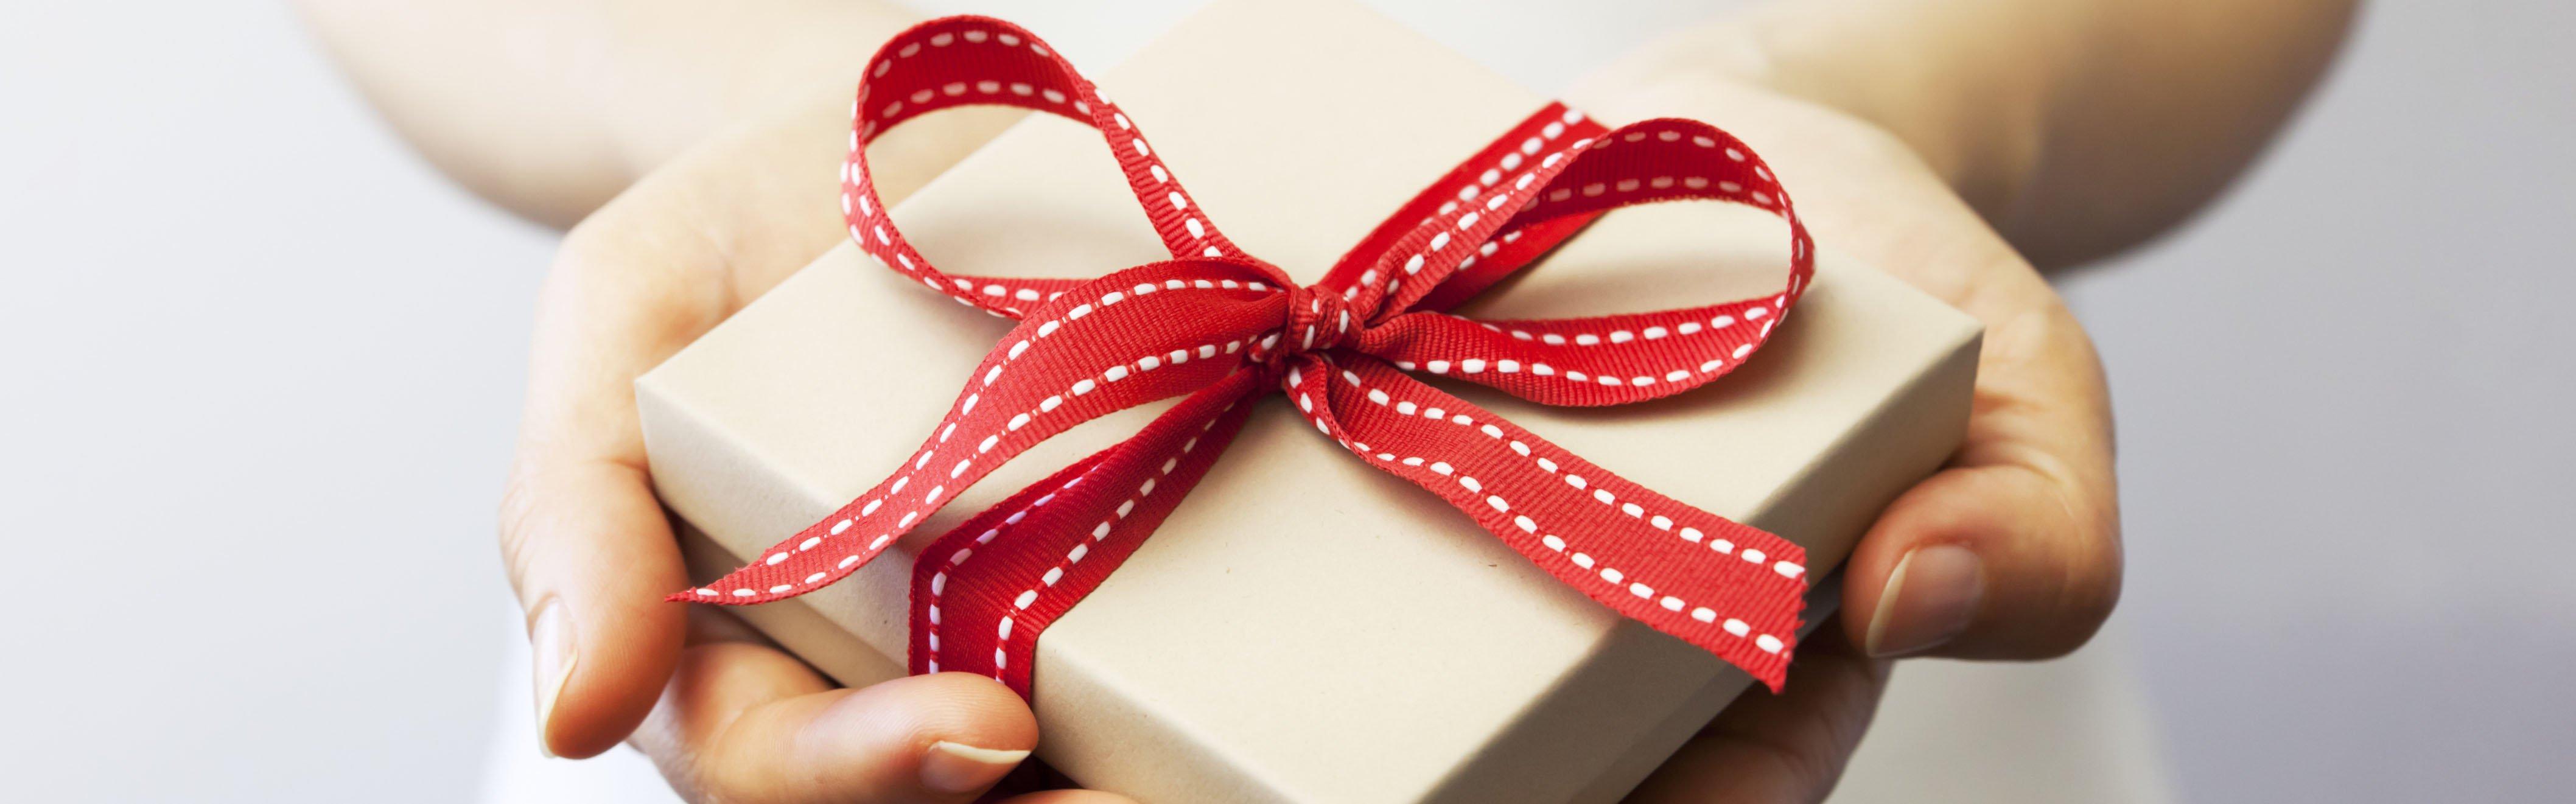 Un regalo per il primo ordine anche senza account